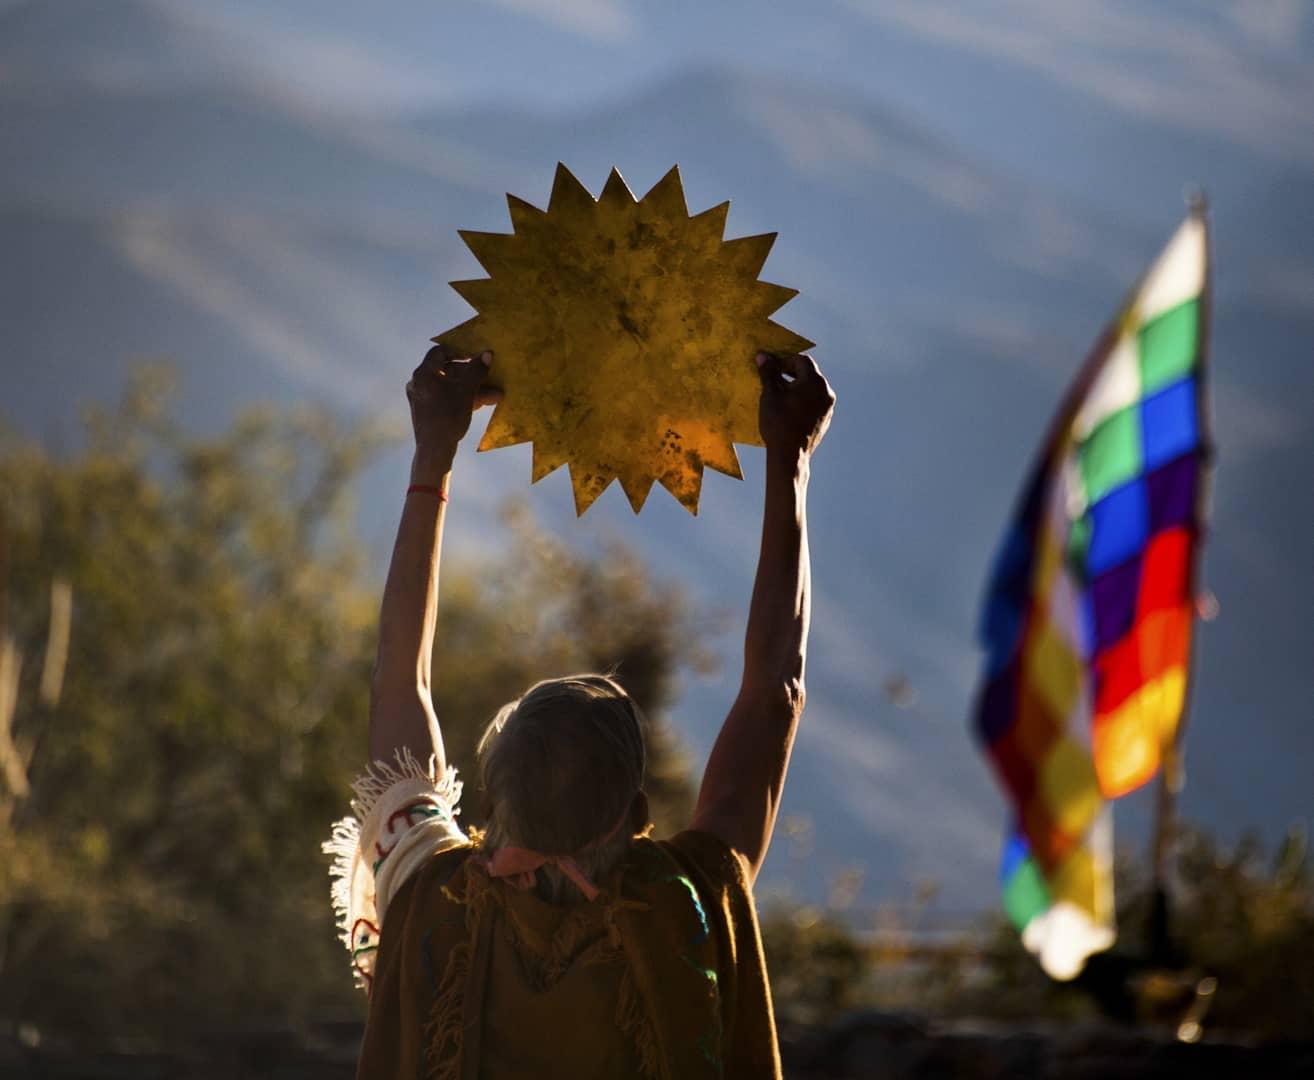 La fiesta del sol: el año nuevo de los pueblos originarios